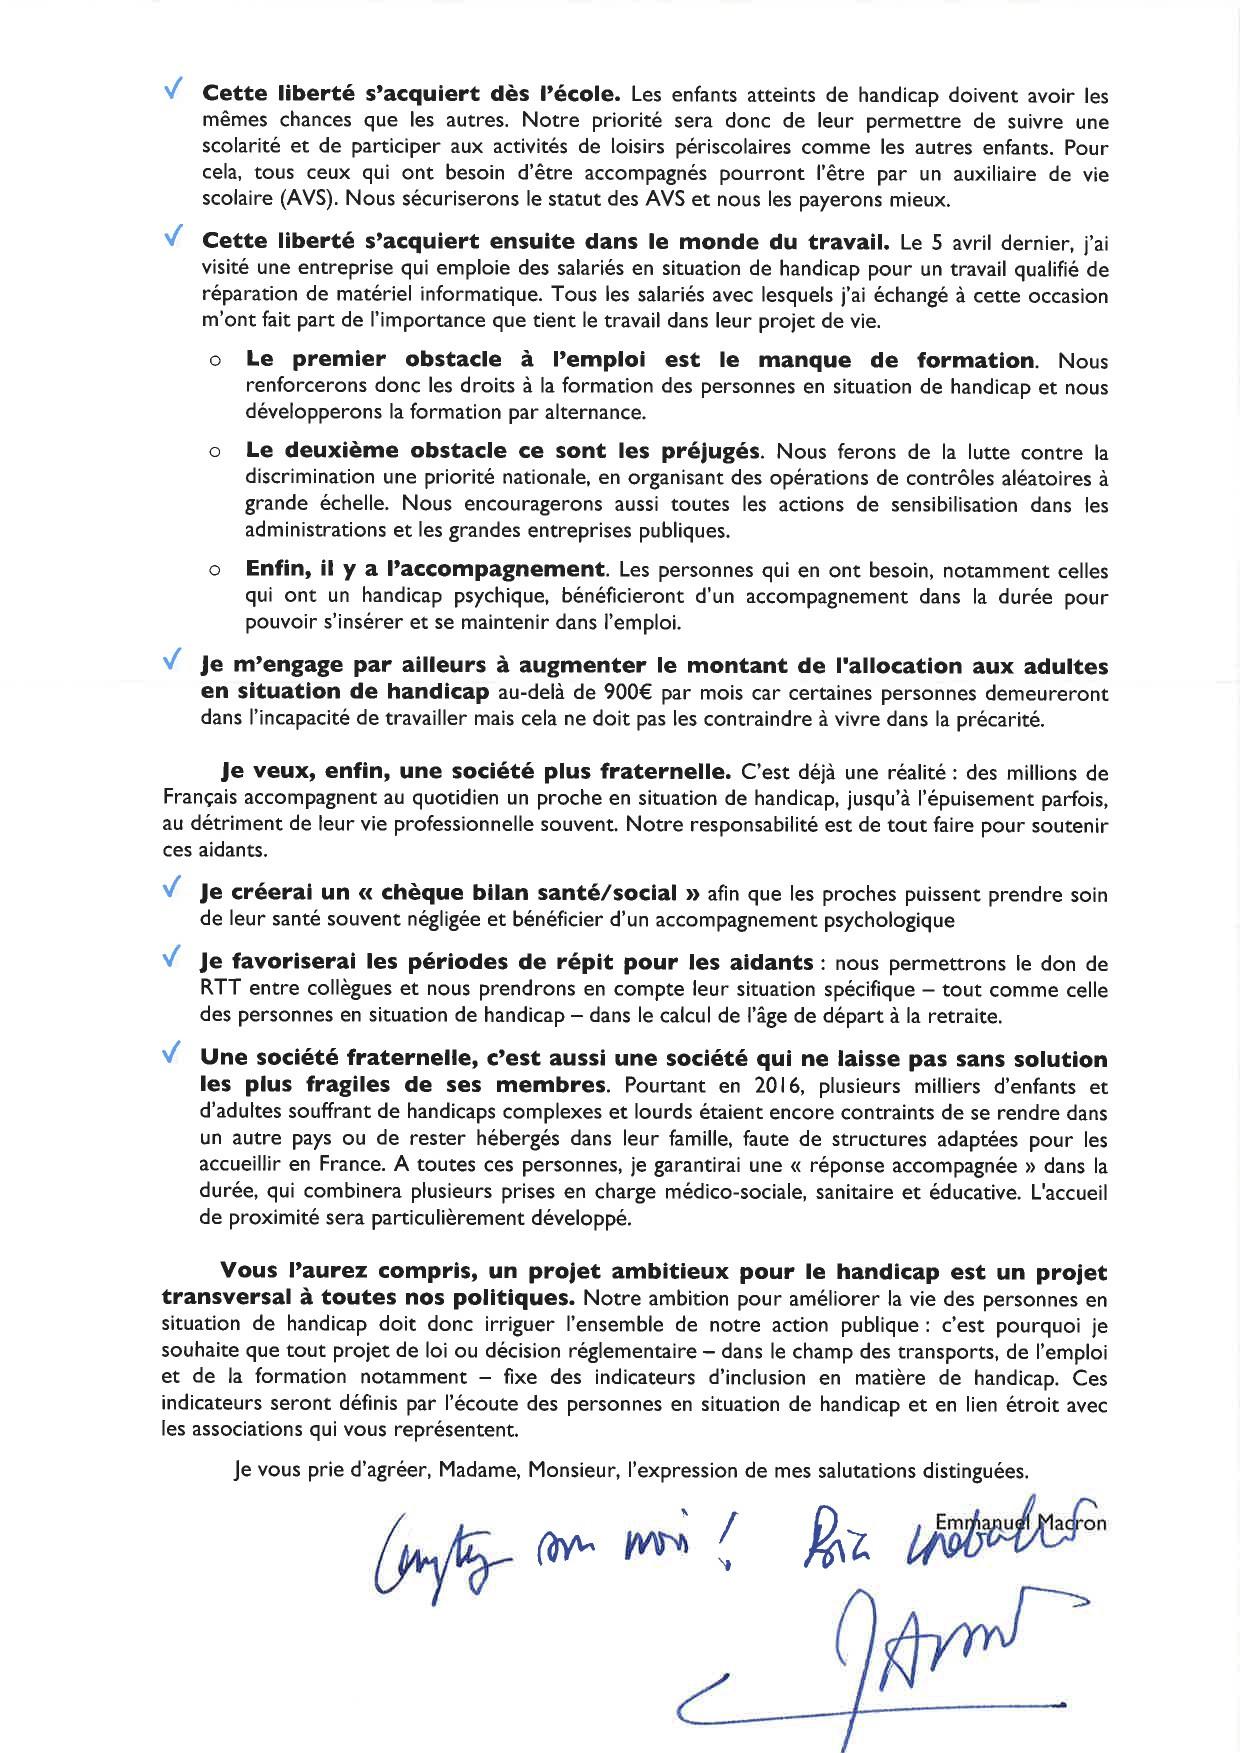 lettre-ouverte-emmanuel-macron-handicap-2